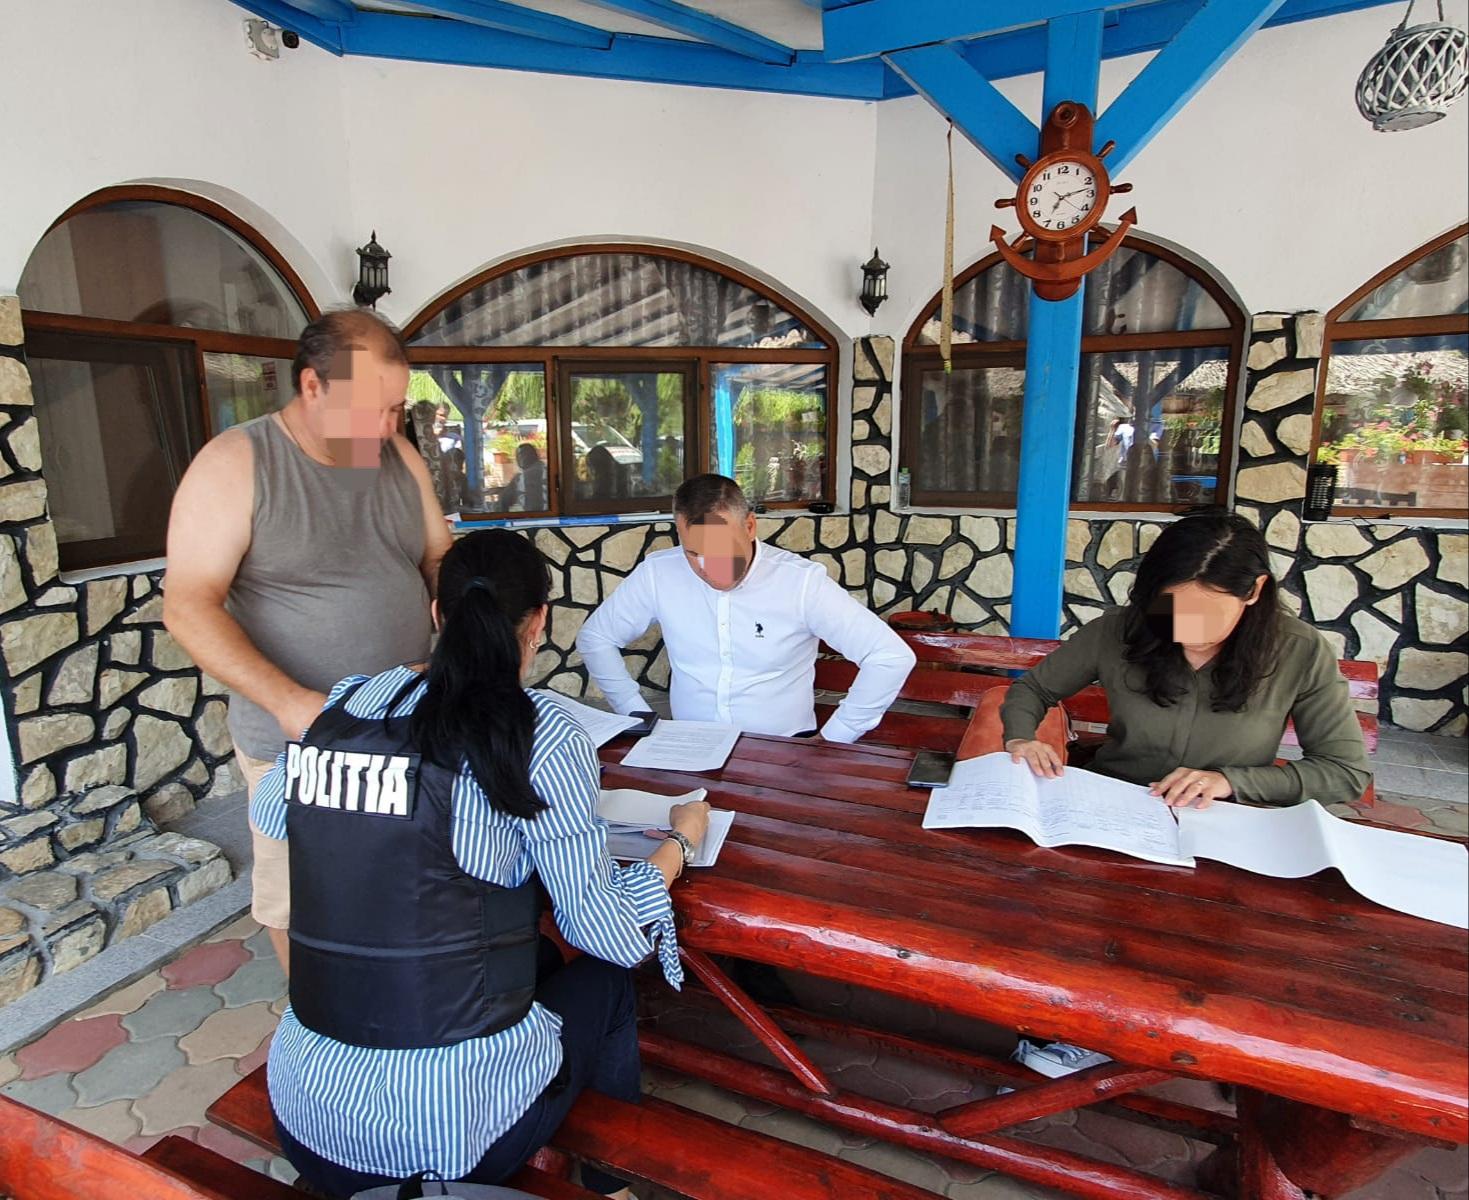 Turism de evaziune în Deltă! 12 agenți economici amendați in doar o zi!